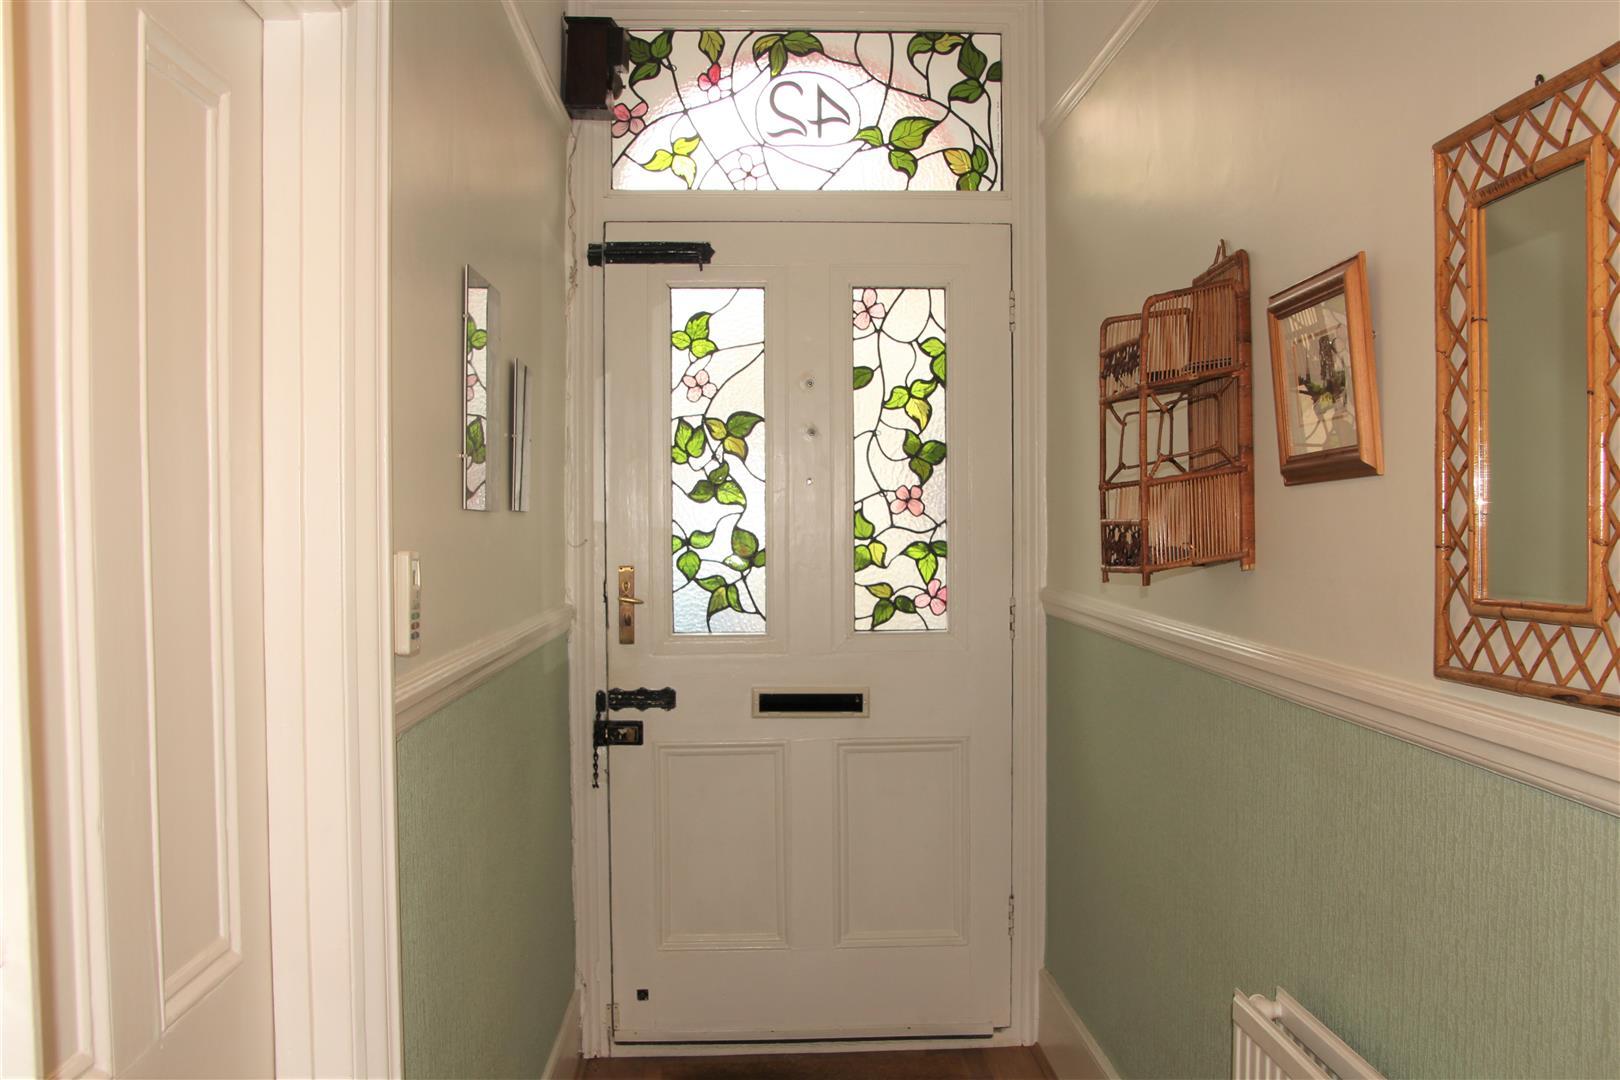 Stain glass front door